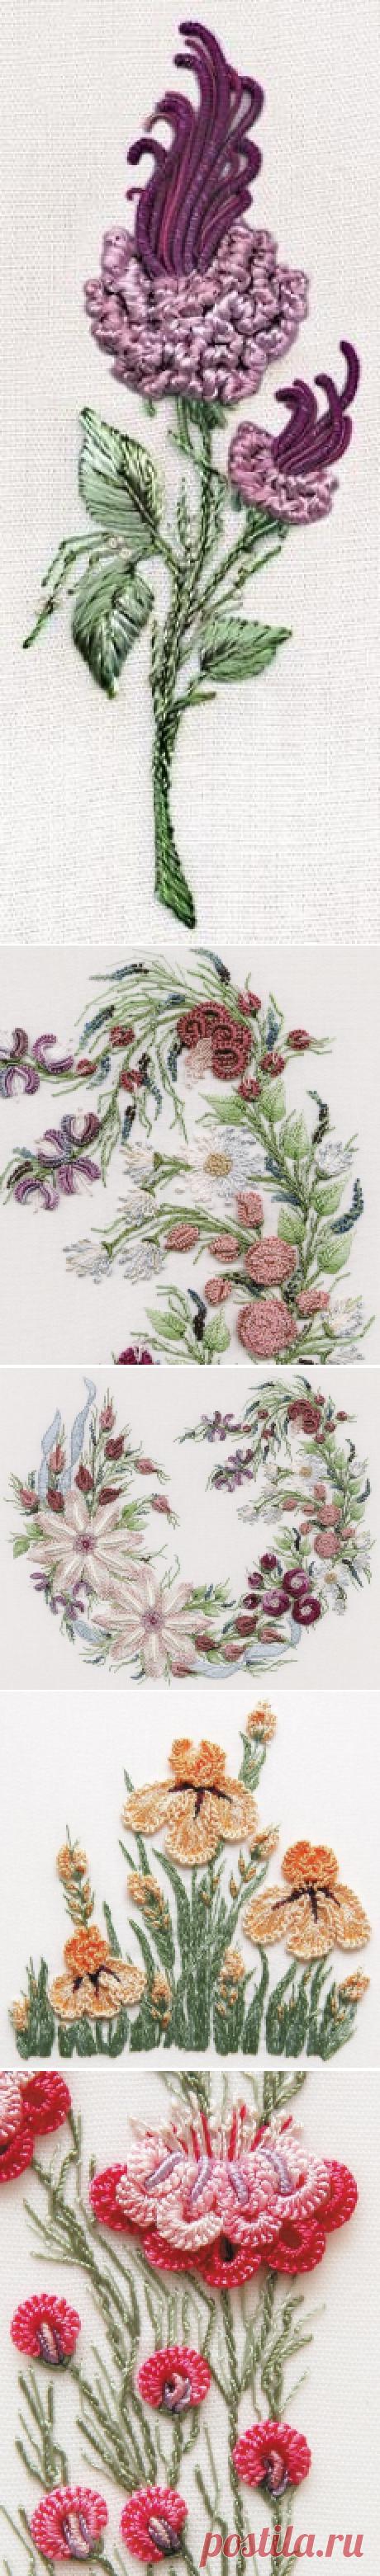 Роскошные идеи вышивки в стиле рококо